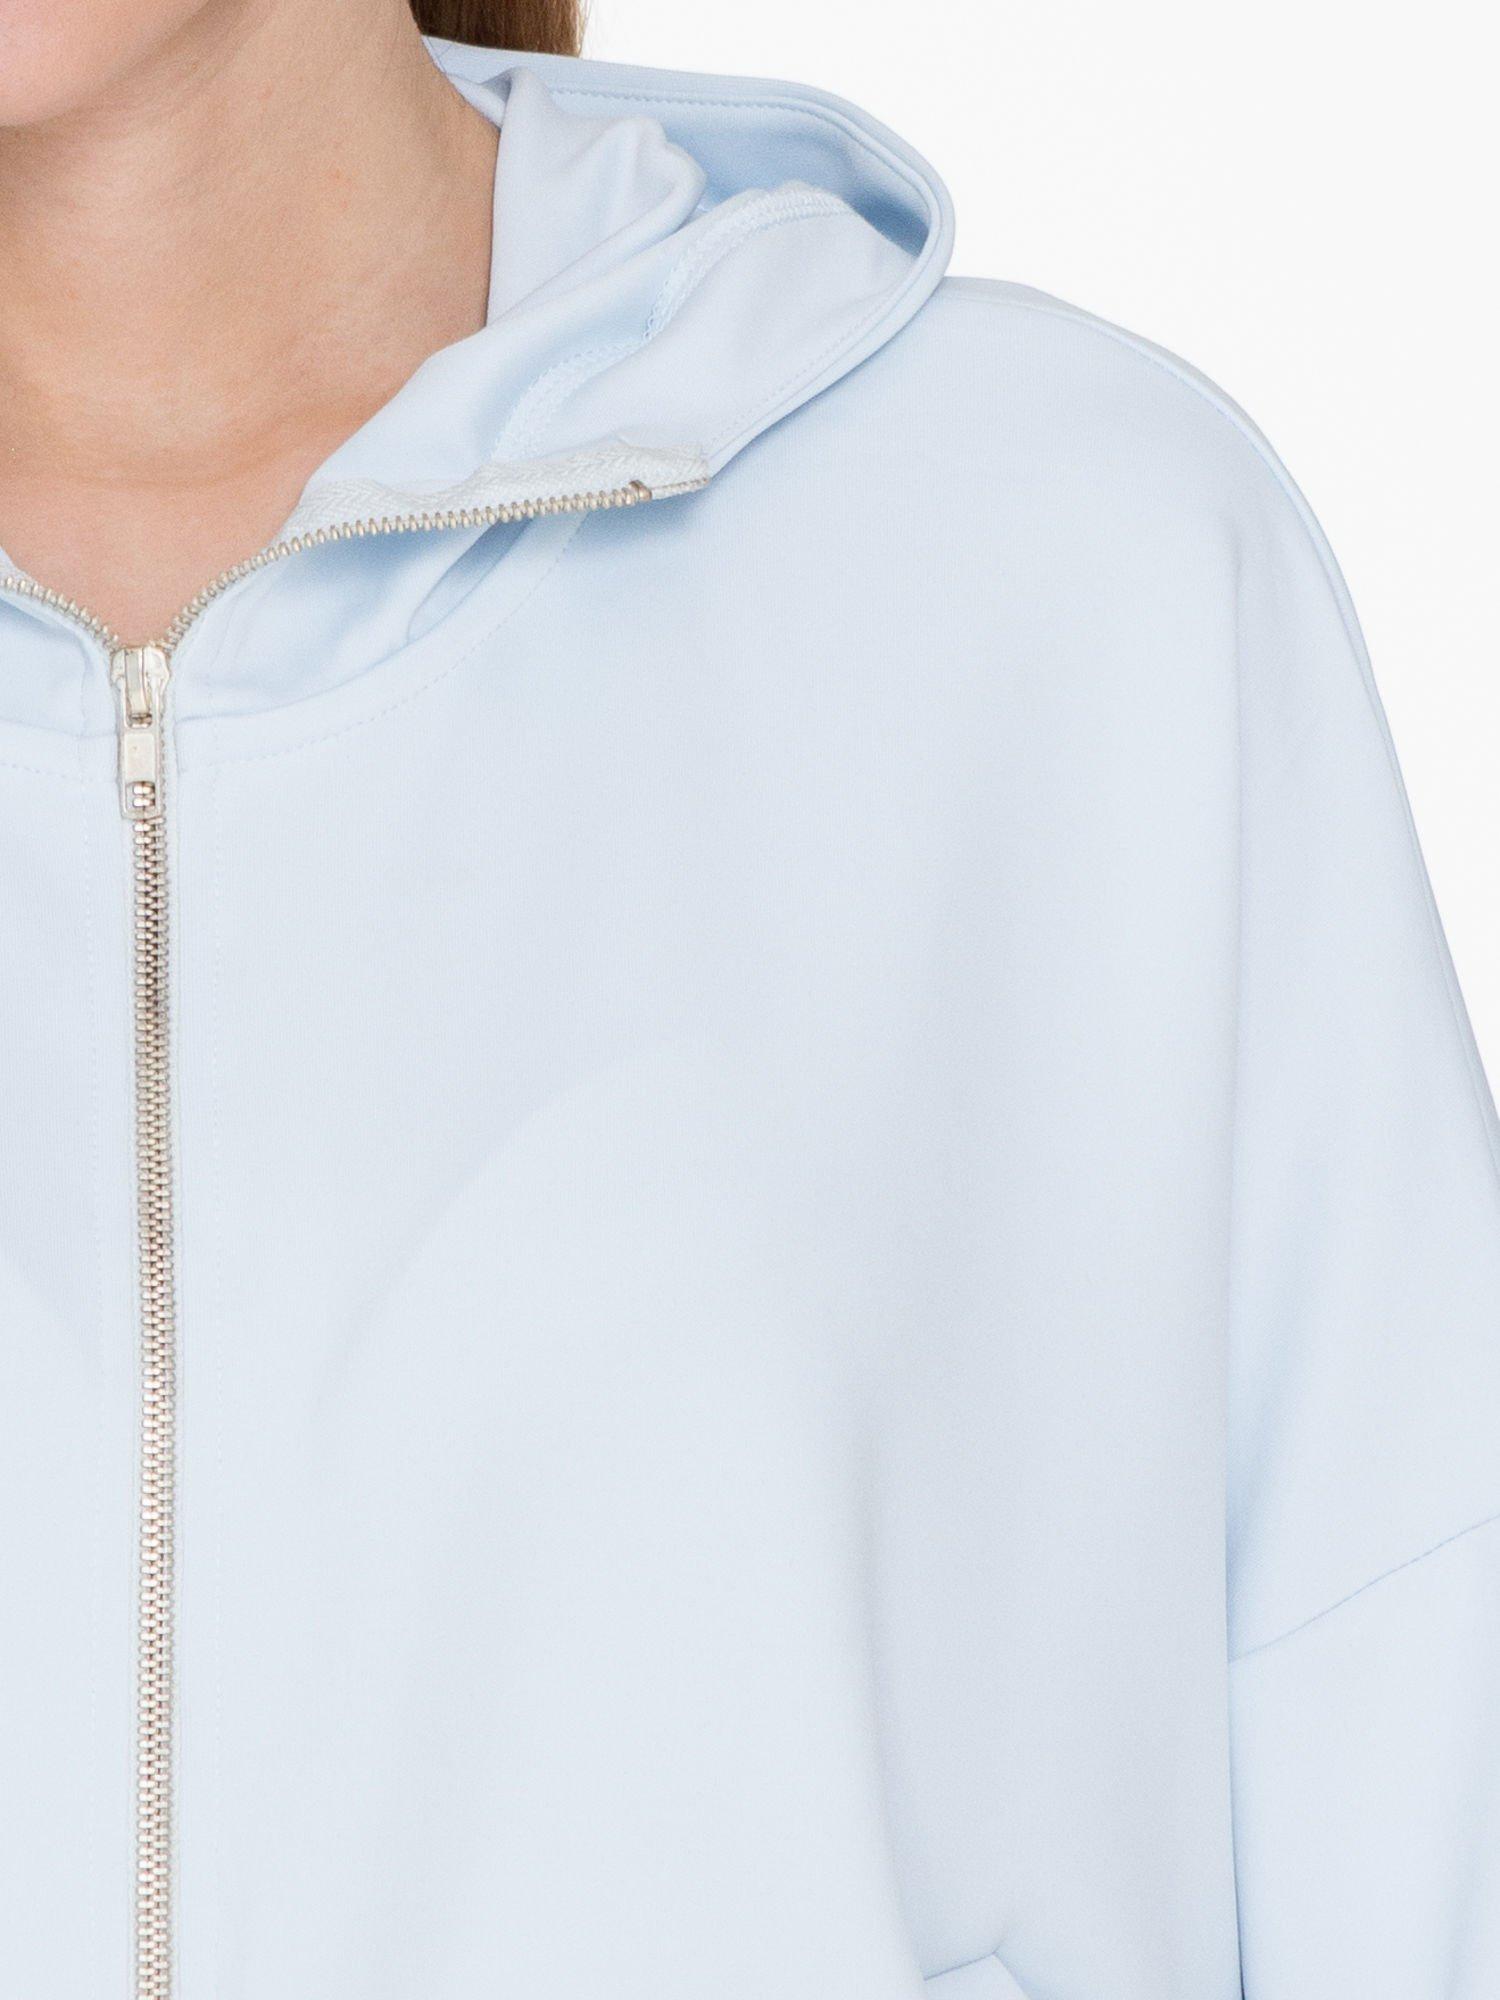 Jasnoniebieska bluza z kapturem o nietoperzowym kroju                                  zdj.                                  5